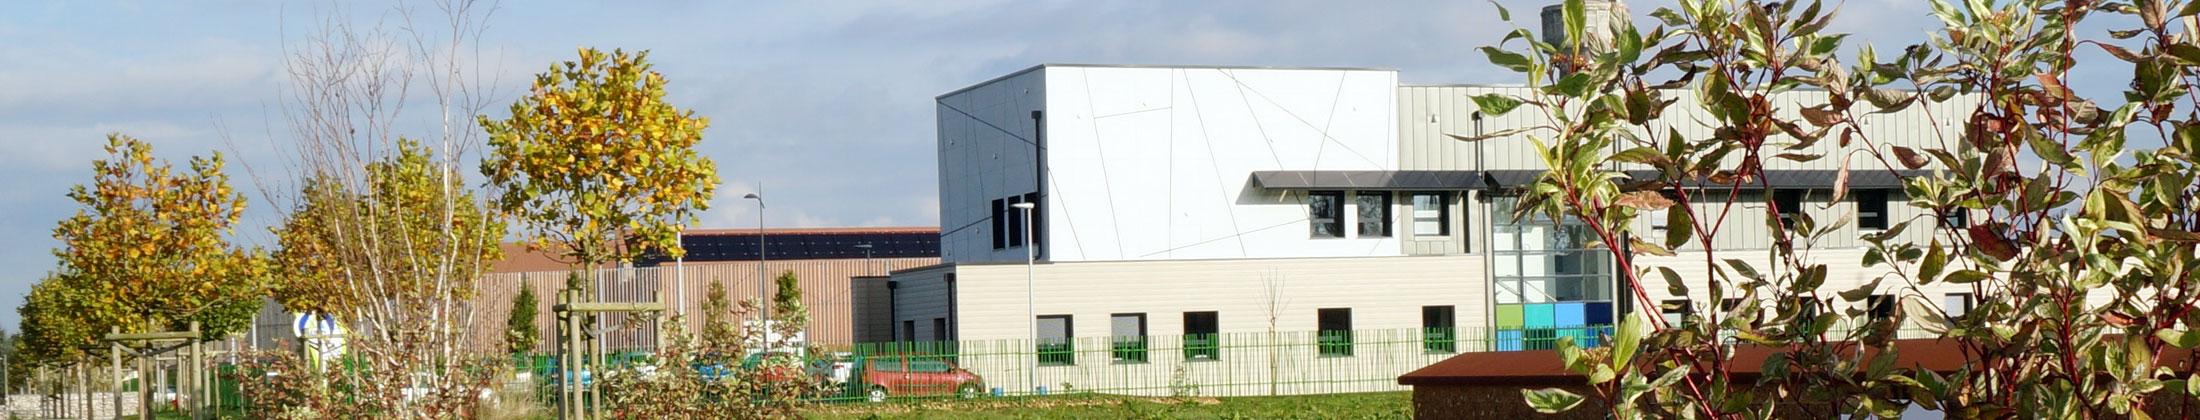 Implanter votre entreprise à Roumois Seine  Votre implantation au cœur de la Normandie ! Investisseurs, artisans, commerçants, industriels : saisissez 1